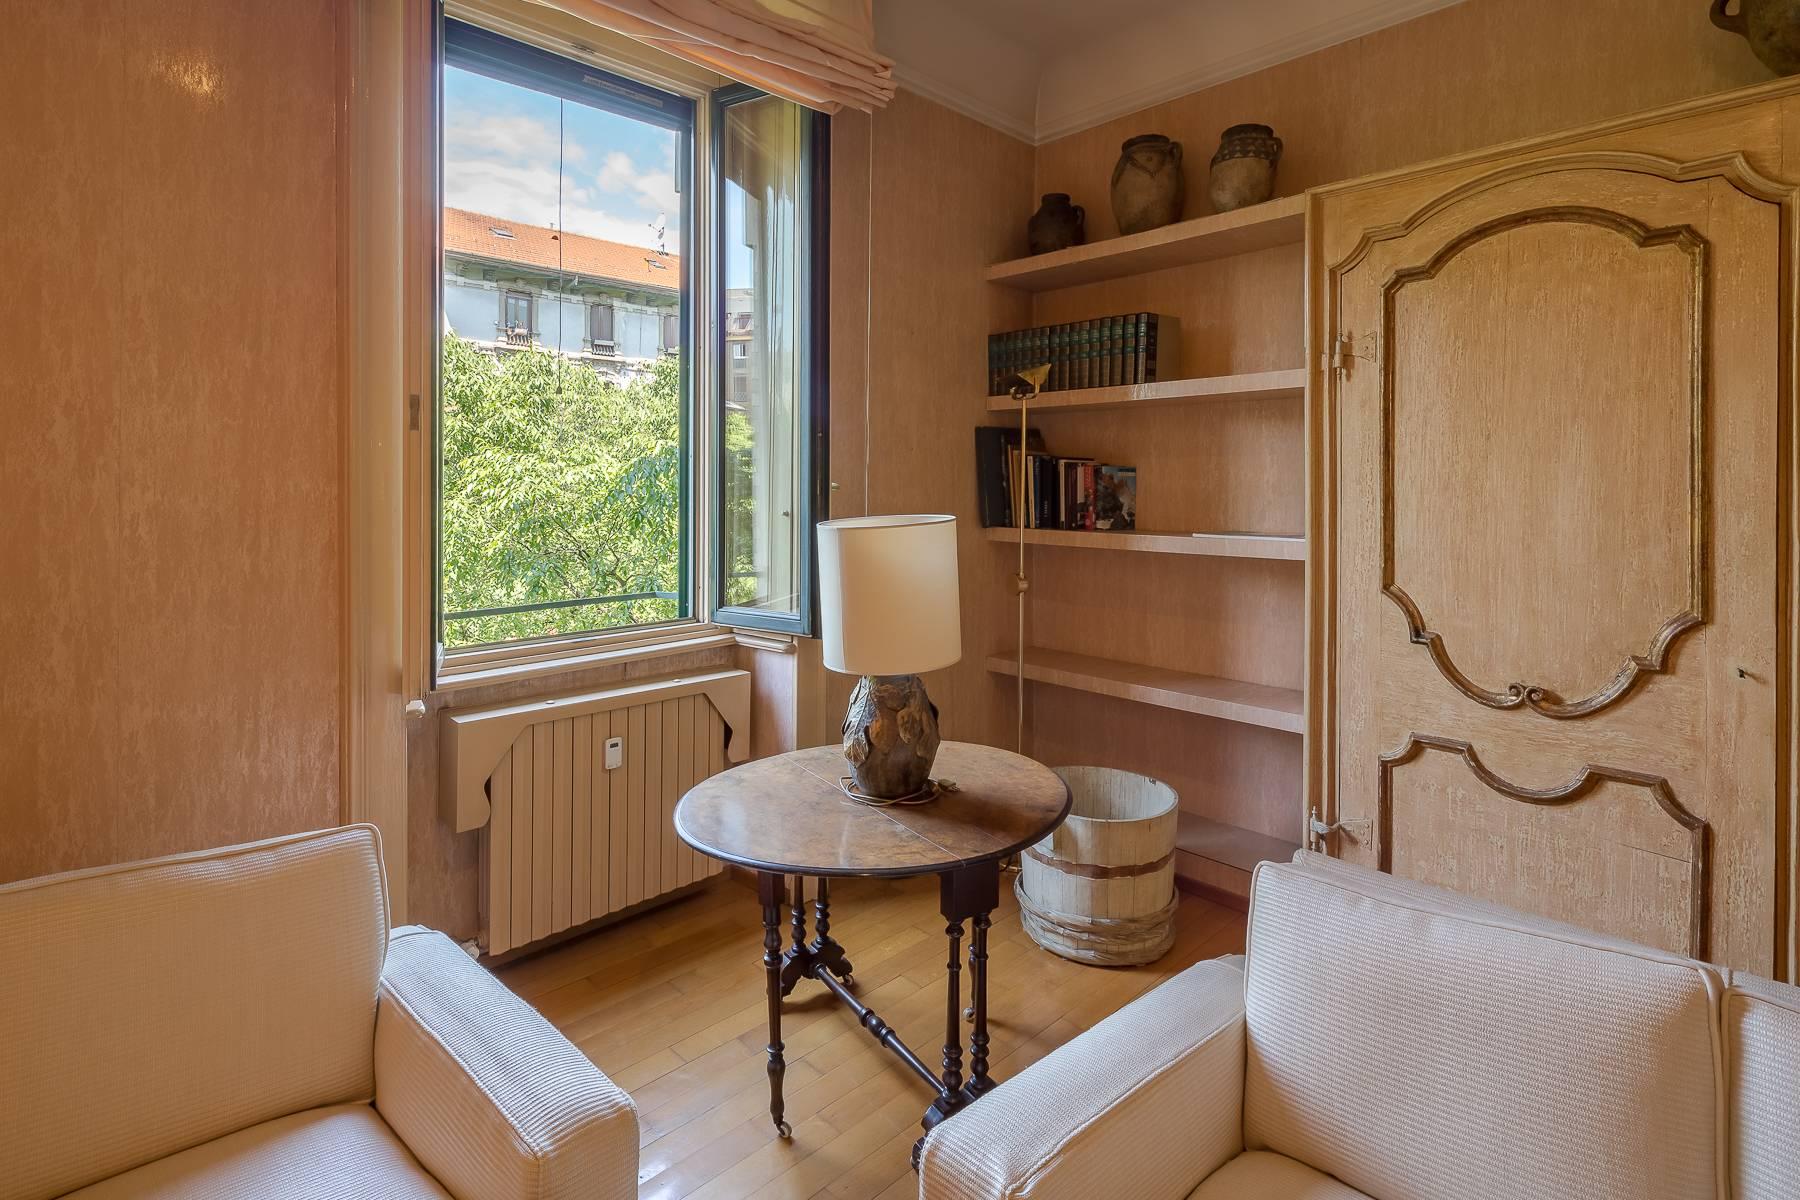 Appartamento in Vendita a Milano: 4 locali, 161 mq - Foto 7